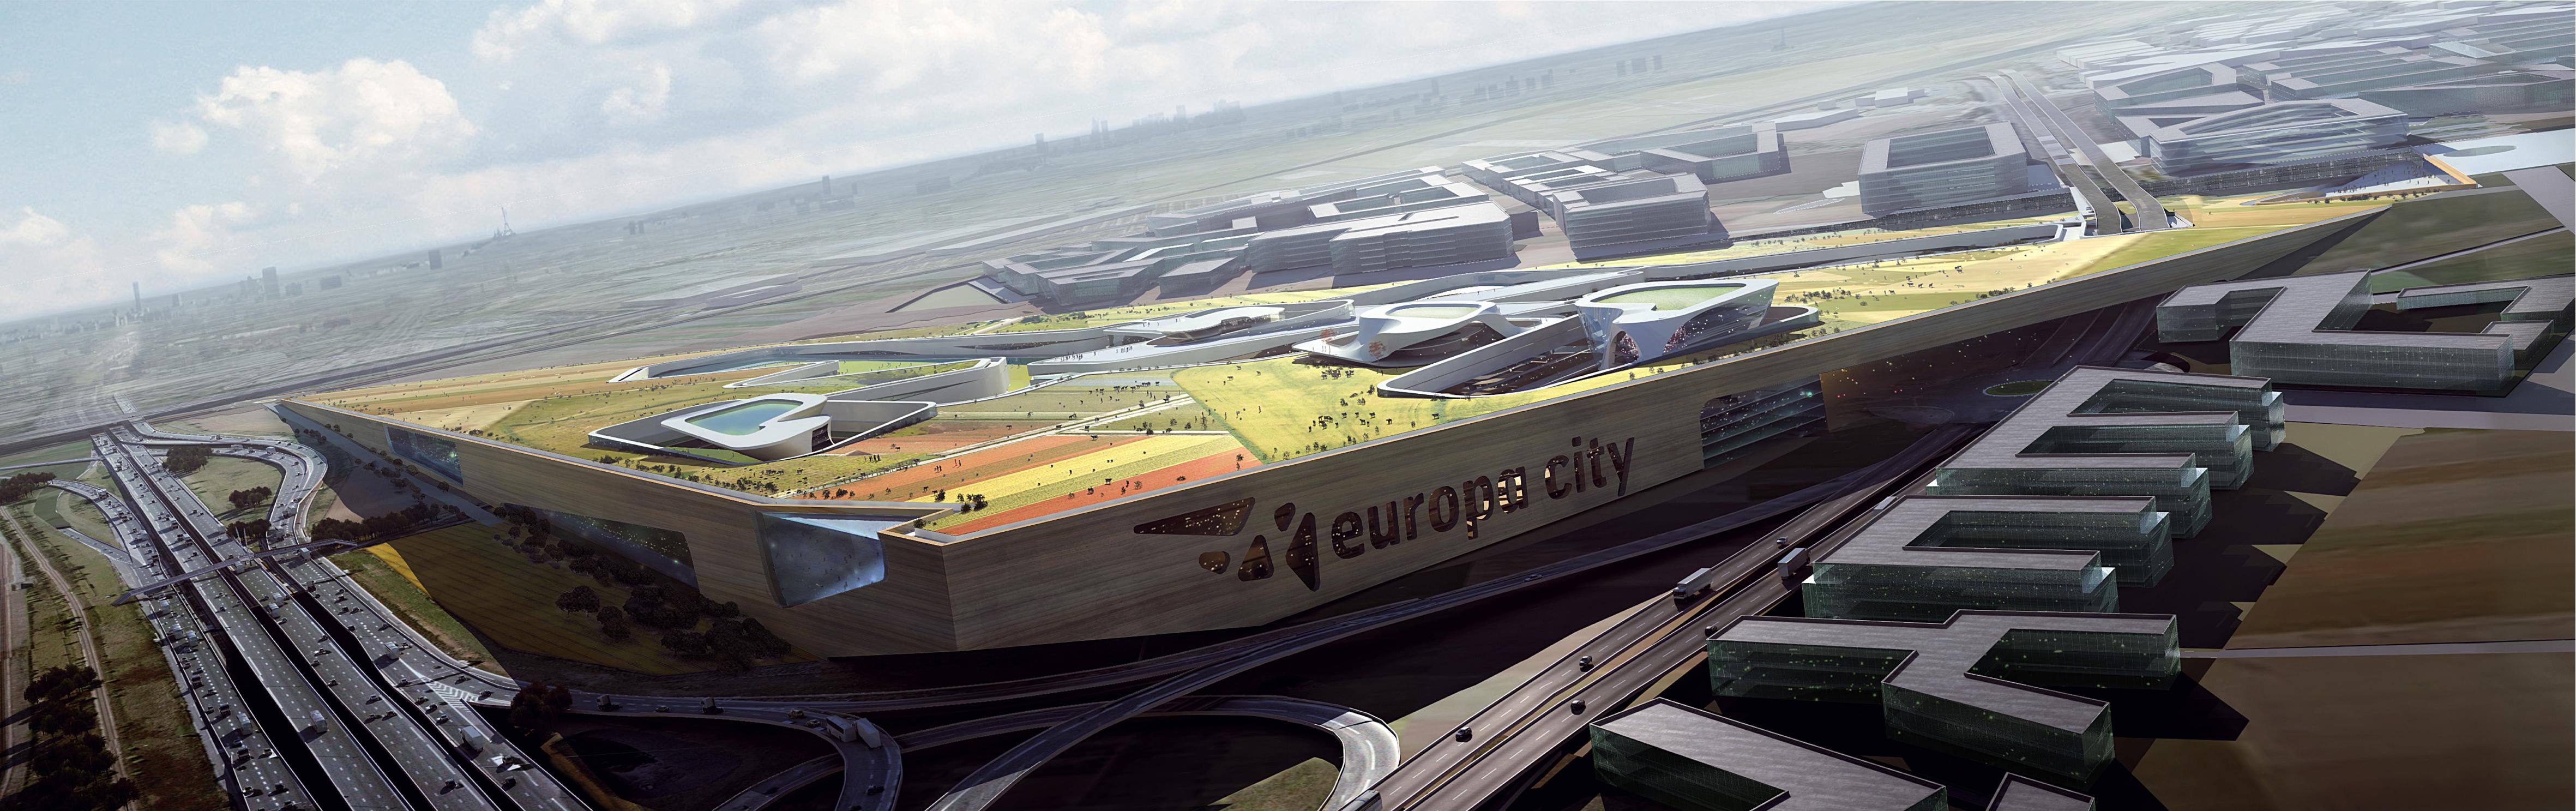 Le projet de l'équipe Snohetta/Gehry Technologies/RWDI pour Europa City : monumentali